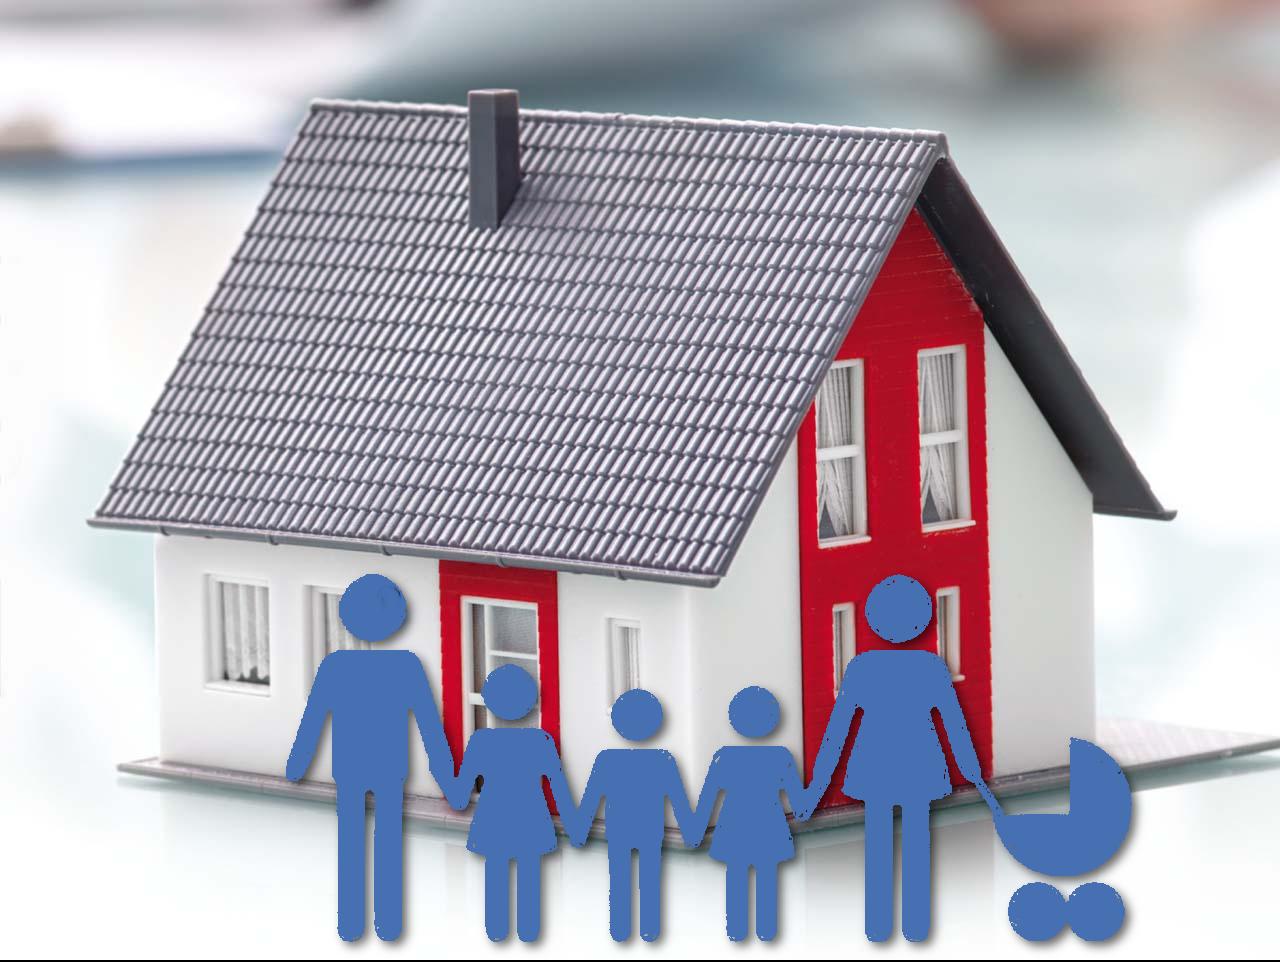 субсидии на жилье картинки итоге сбились дороги